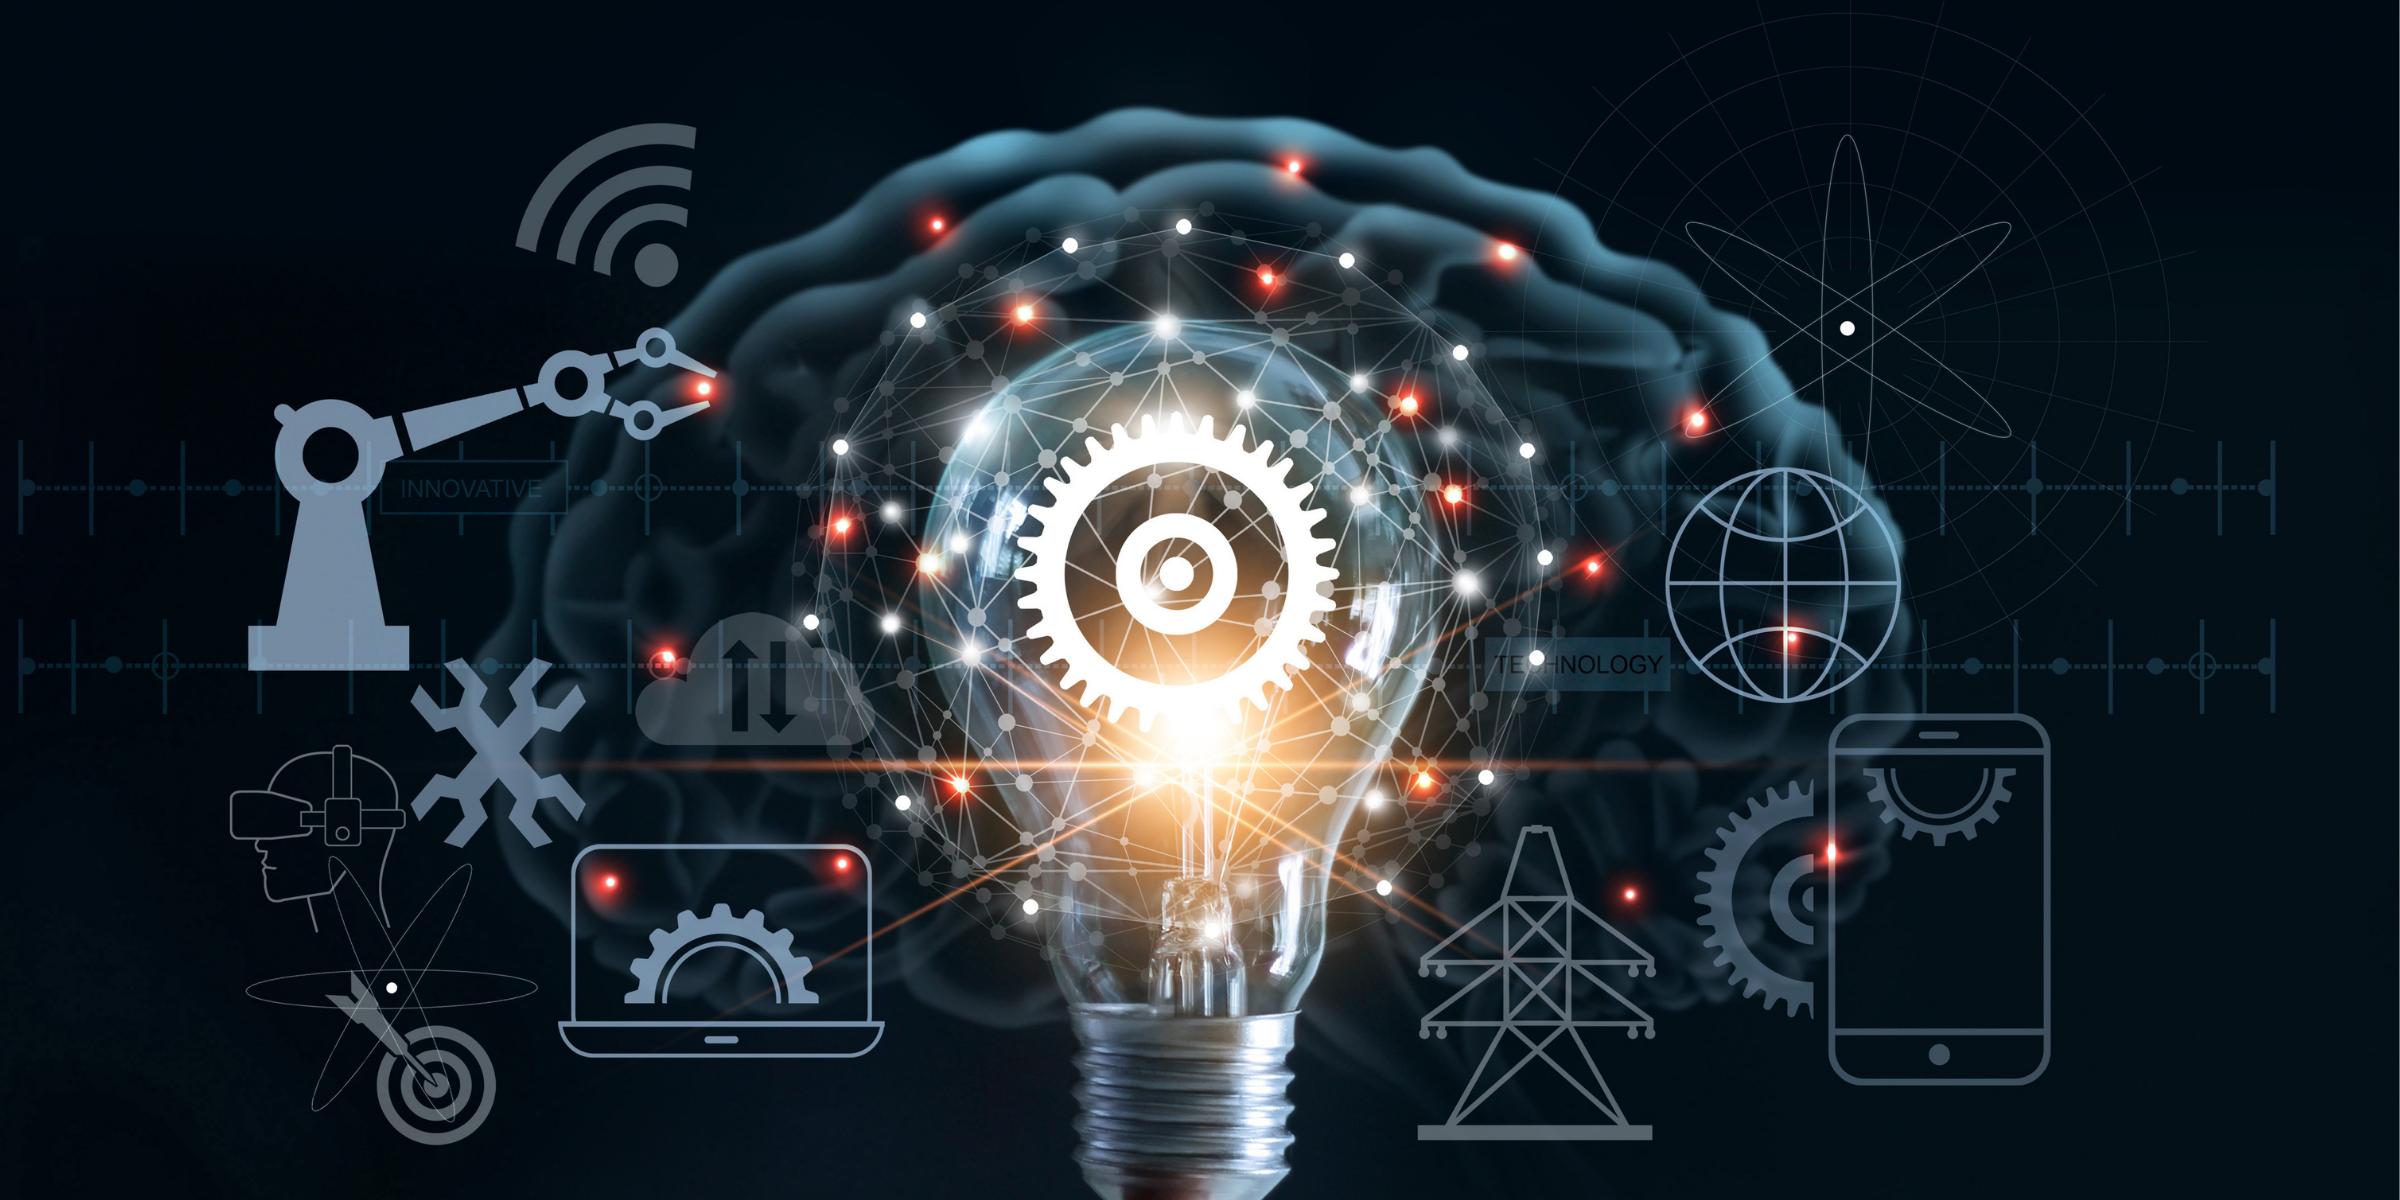 Geschäftsmodellinnovation durch Internet of Things